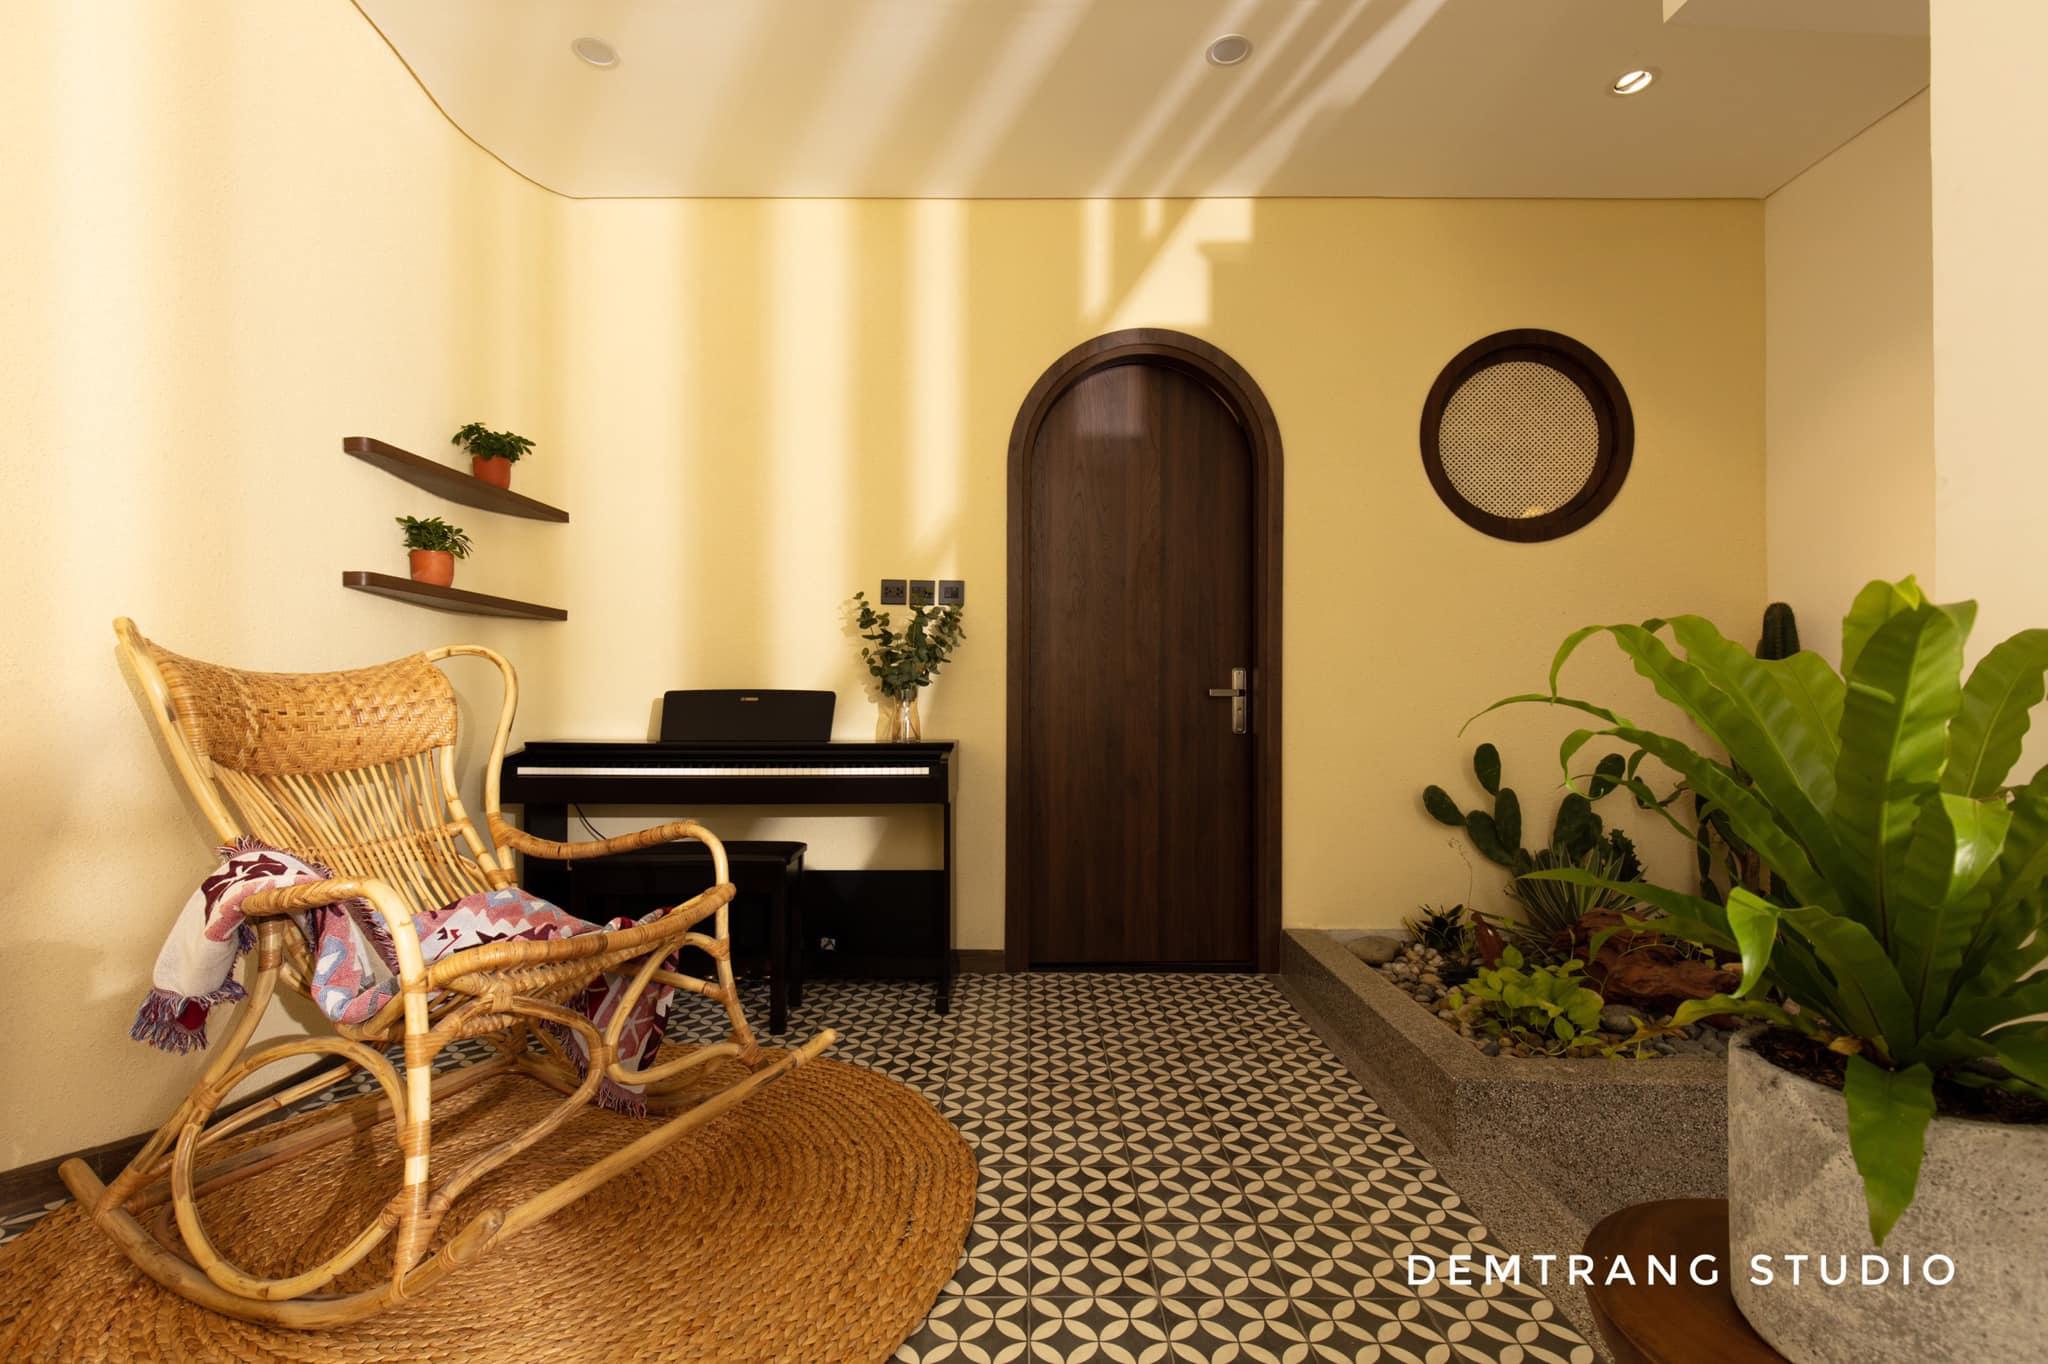 Thiết kế kiến trúc – nội thất dự án biệt thự Thăng Long 03